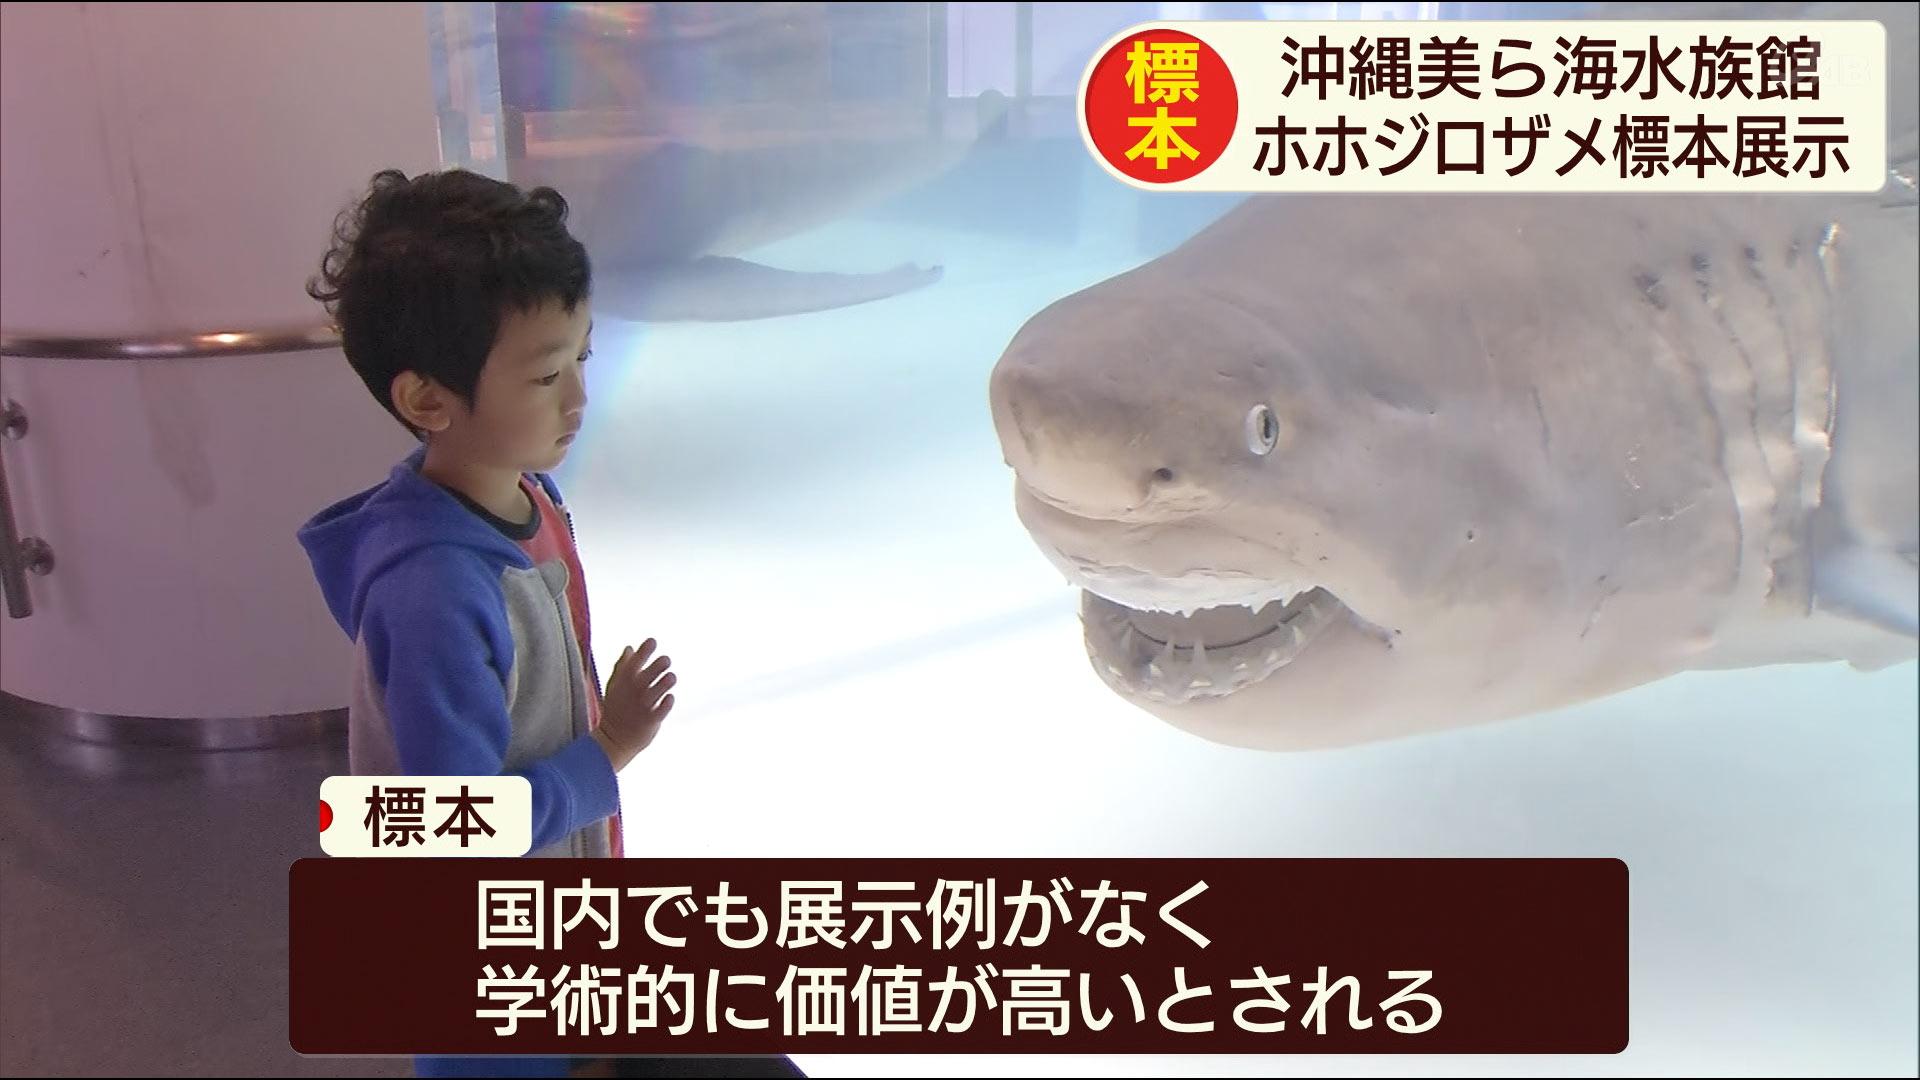 ホホジロザメの成魚の標本が展示開始